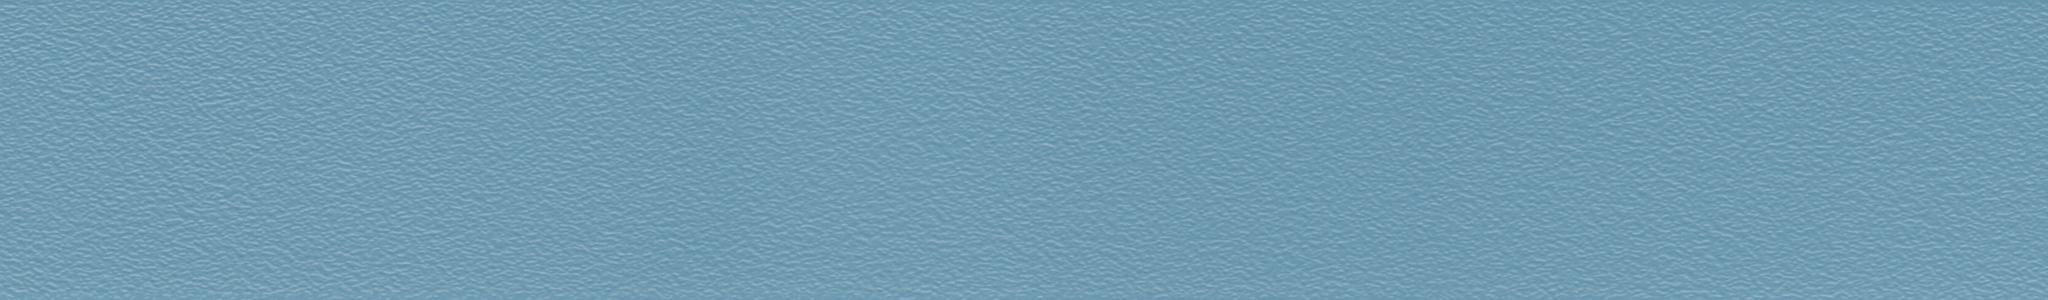 HU 15507 ABS hrana modrá perla XG